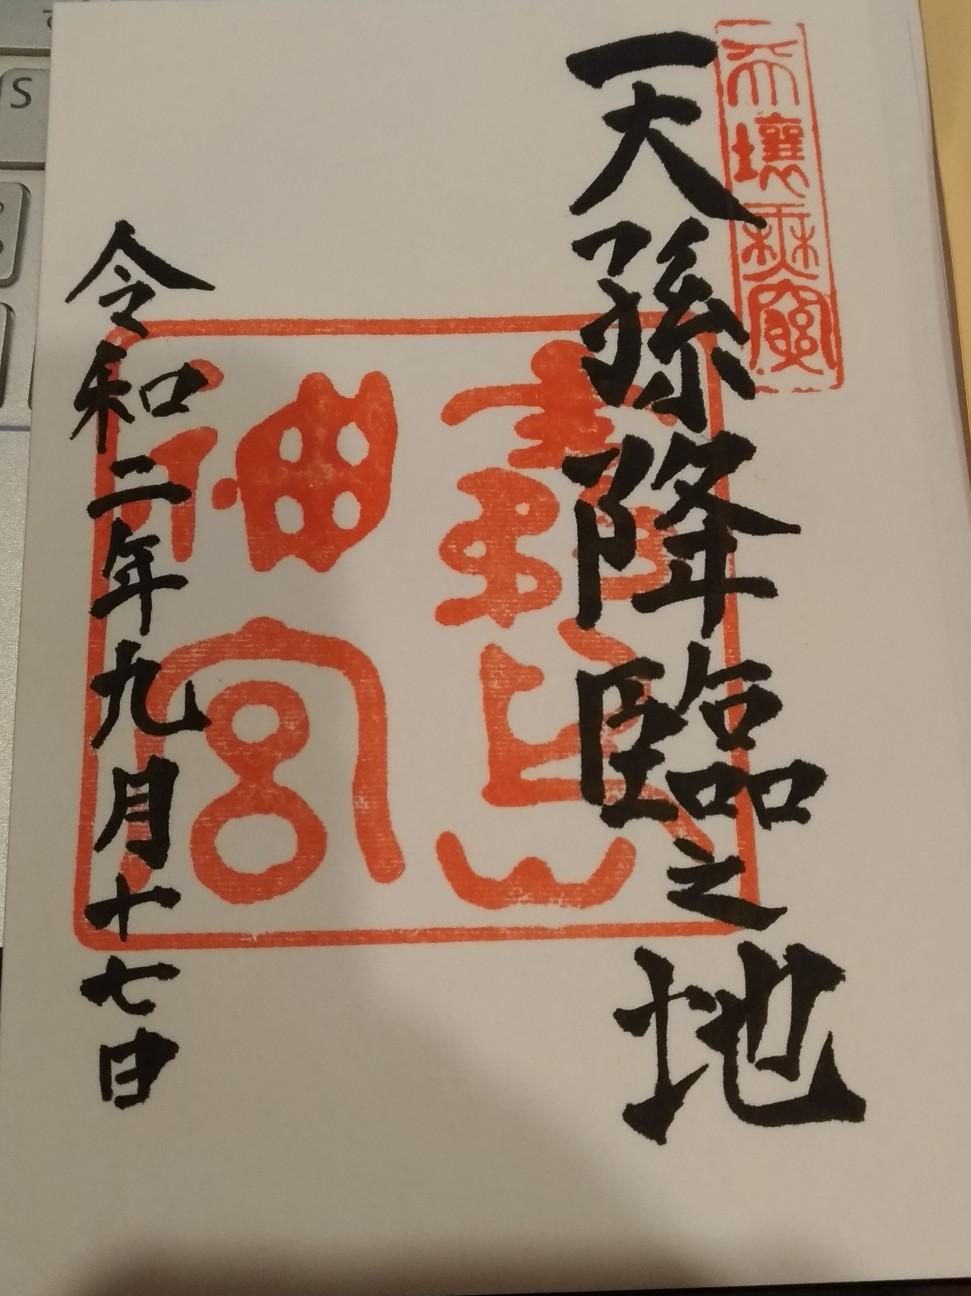 f:id:HKT1989:20200918071124j:plain